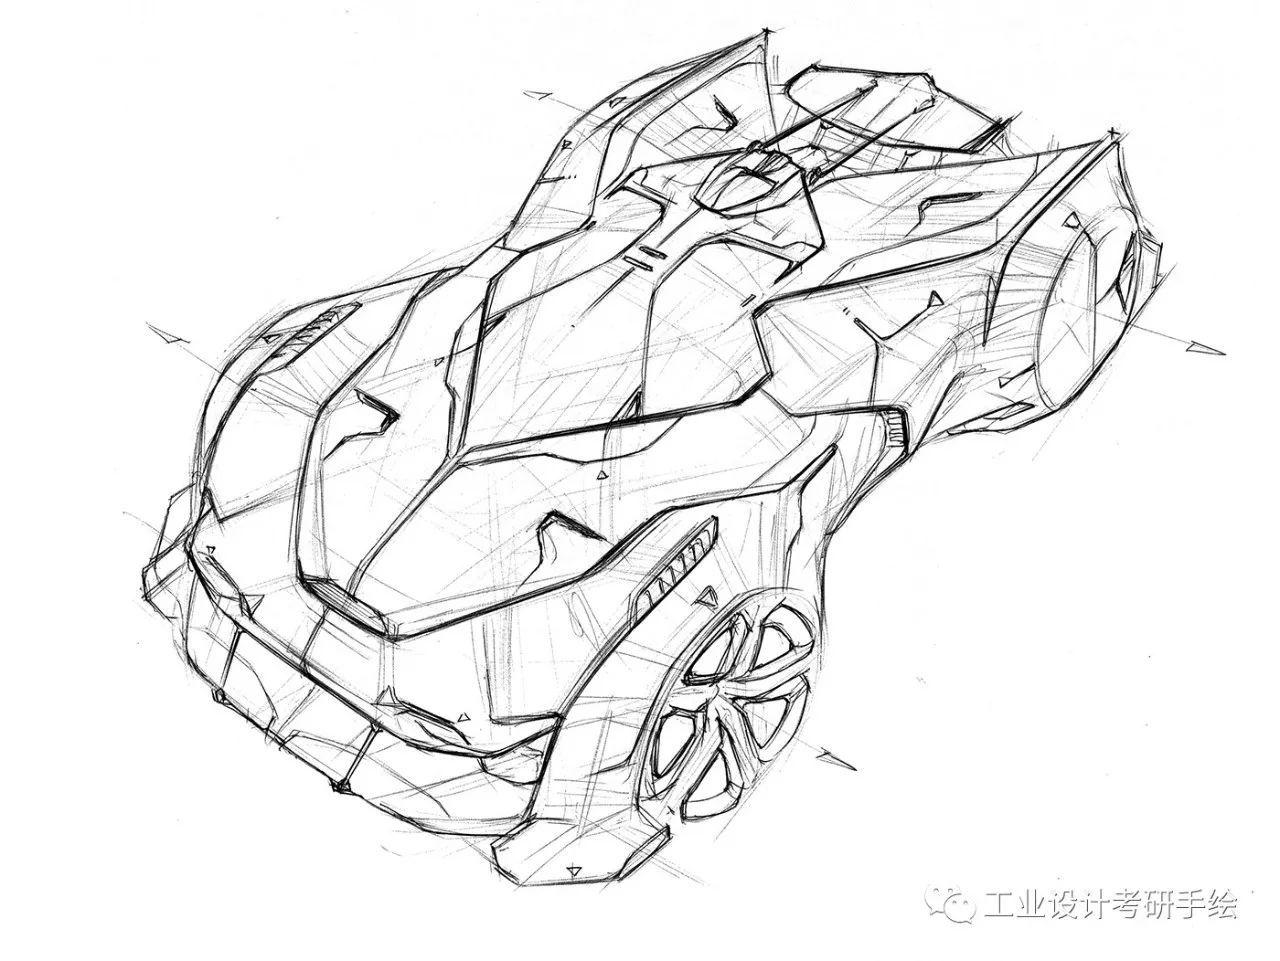 汽车设计手绘线稿(一)_搜狐搞笑_搜狐网